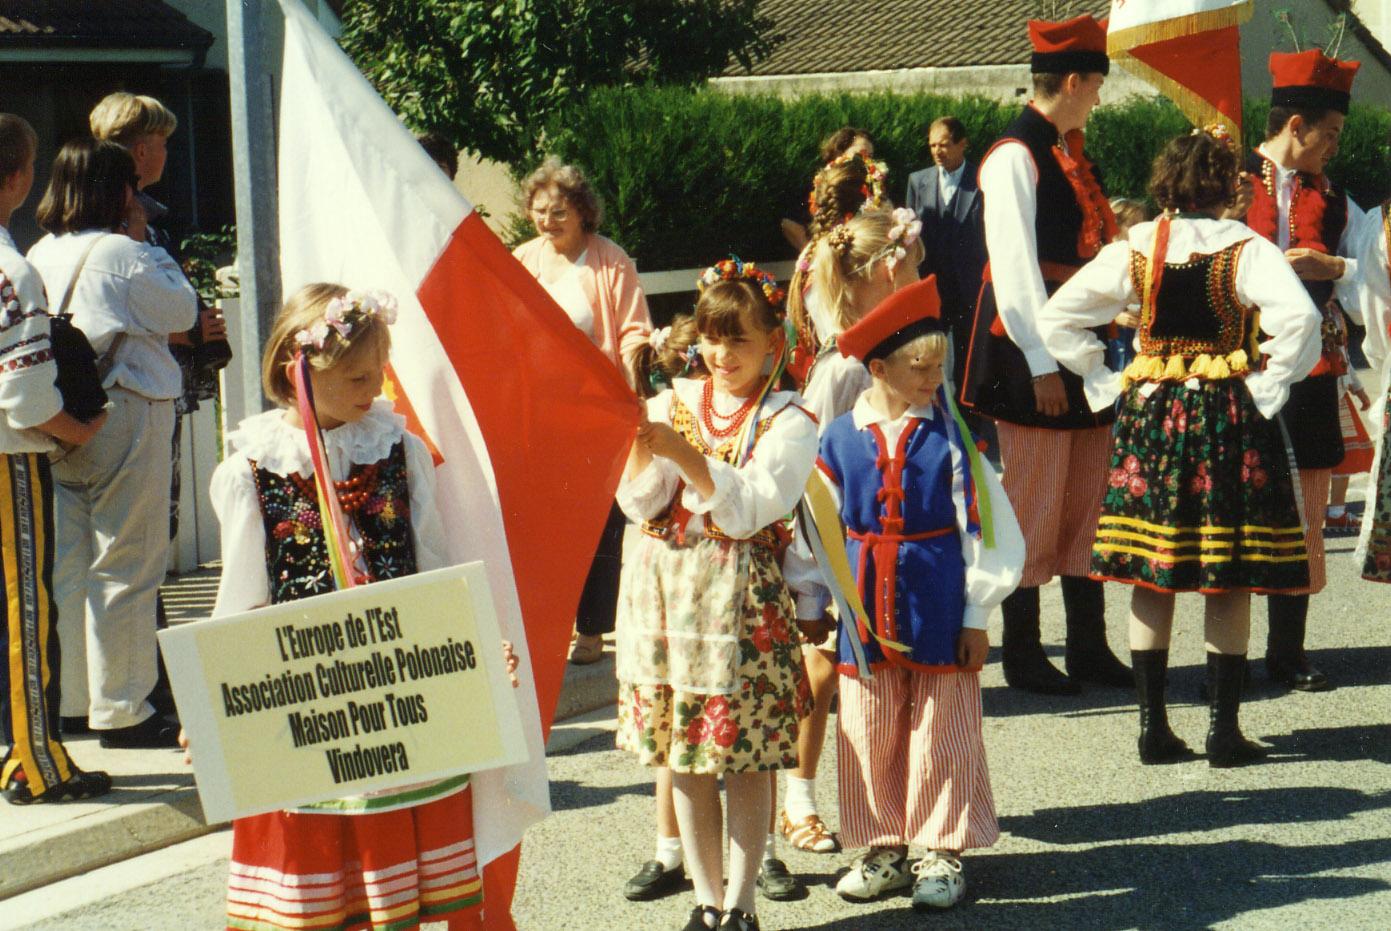 Association culturelle polonaise histoire - Piscine municipale troyes ...